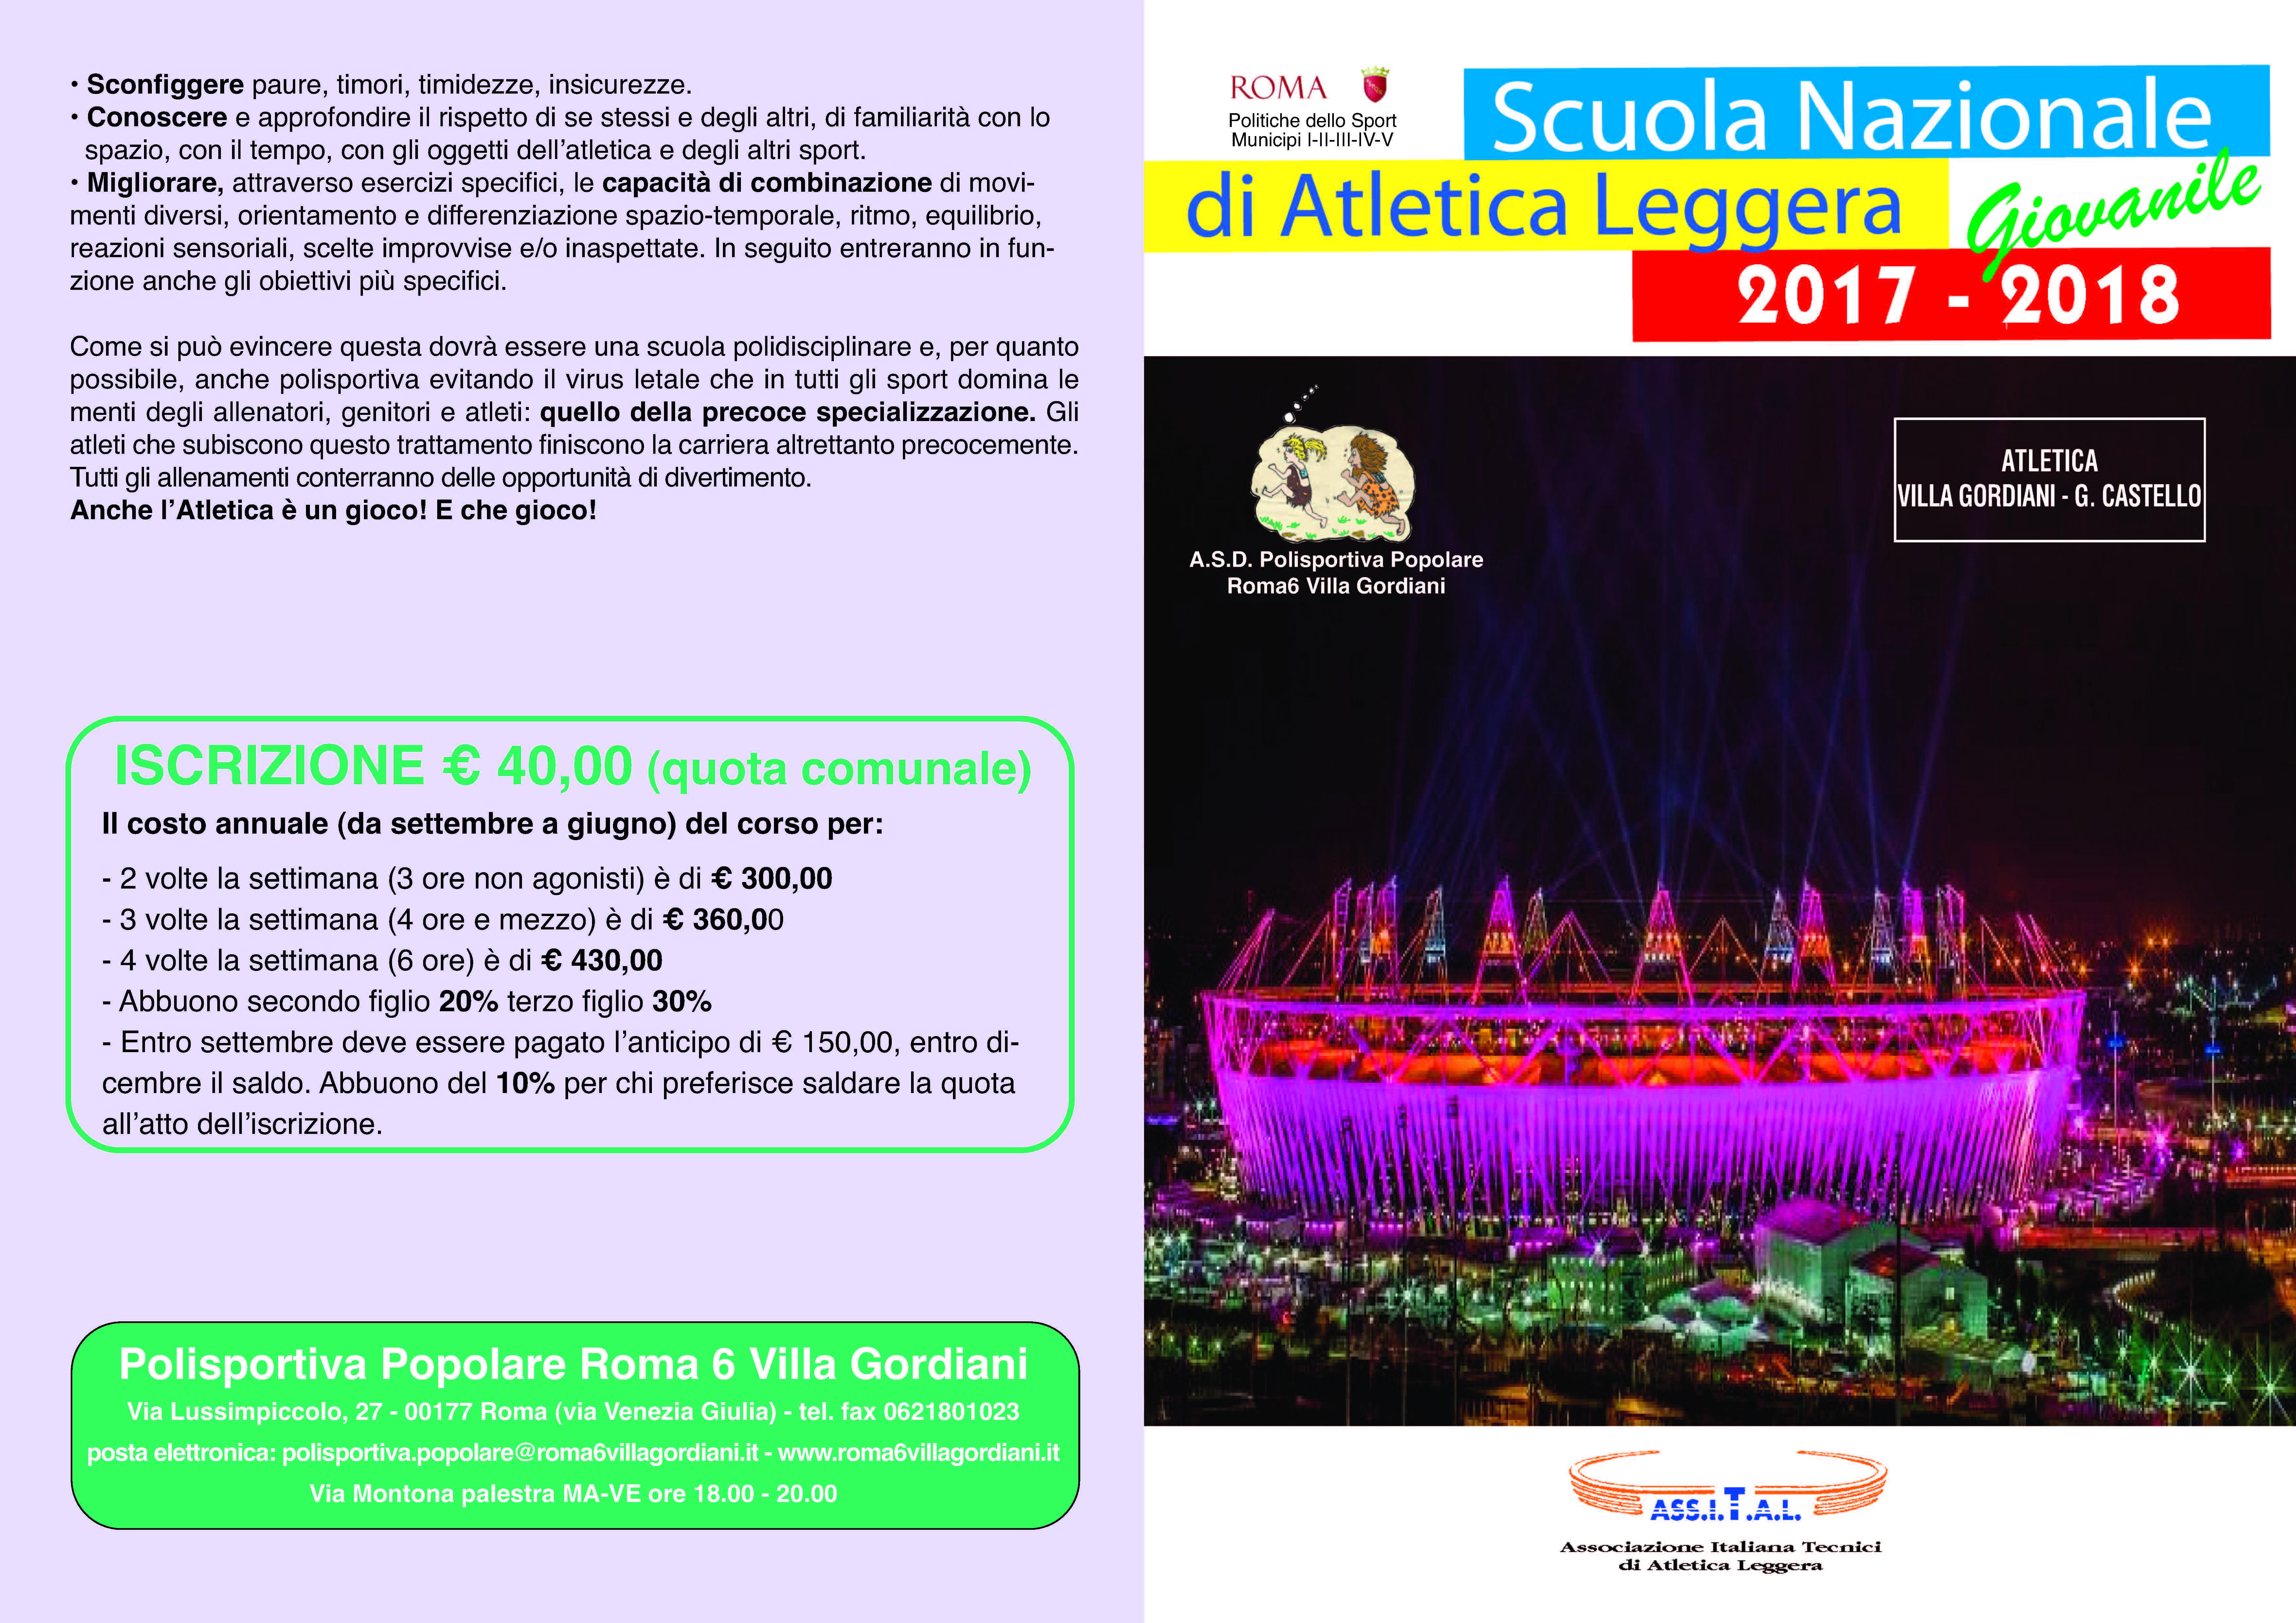 scuola-atletica-fronte-corretto-2017-18ok_layout-6_pagina_1